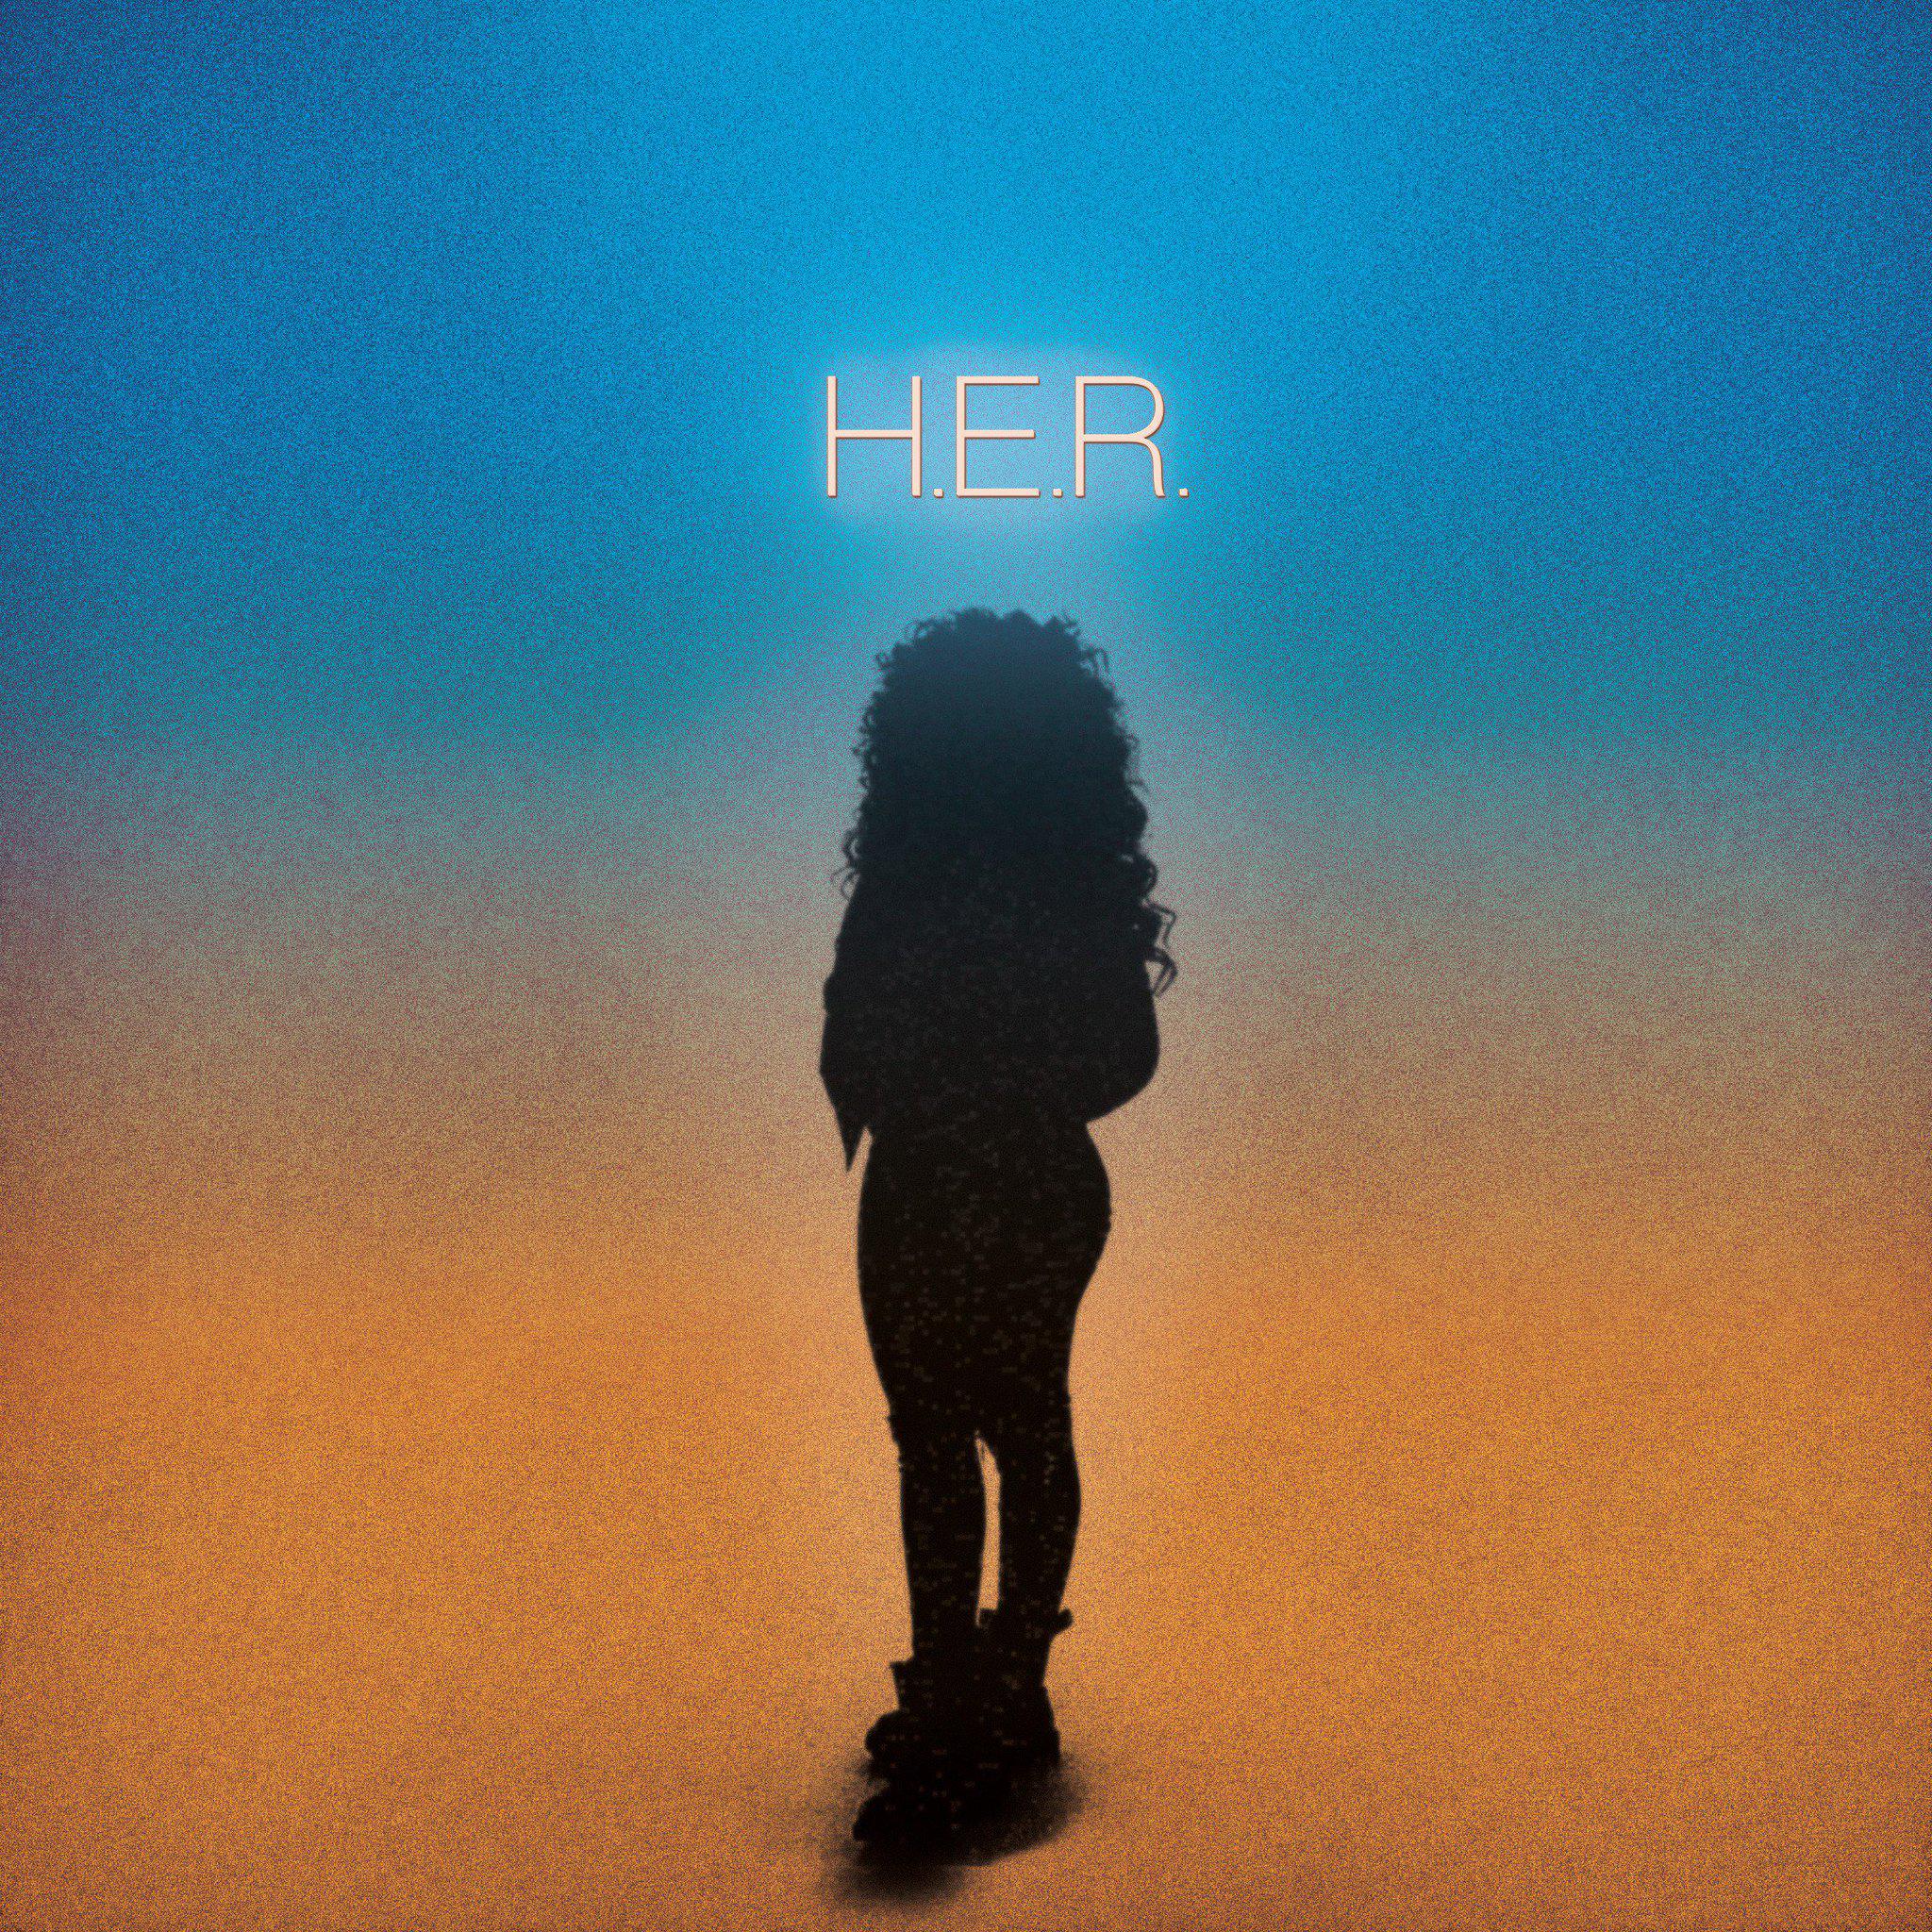 H.E.R.-—-H.E.R.-grammys-2019 - Sex & Cigarettes — Toni Braxton Good Thing — Leon Bridges Honestly — Lalah Hathaway H.E.R. — H.E.R. Gumbo Unplugged — PJ Morton